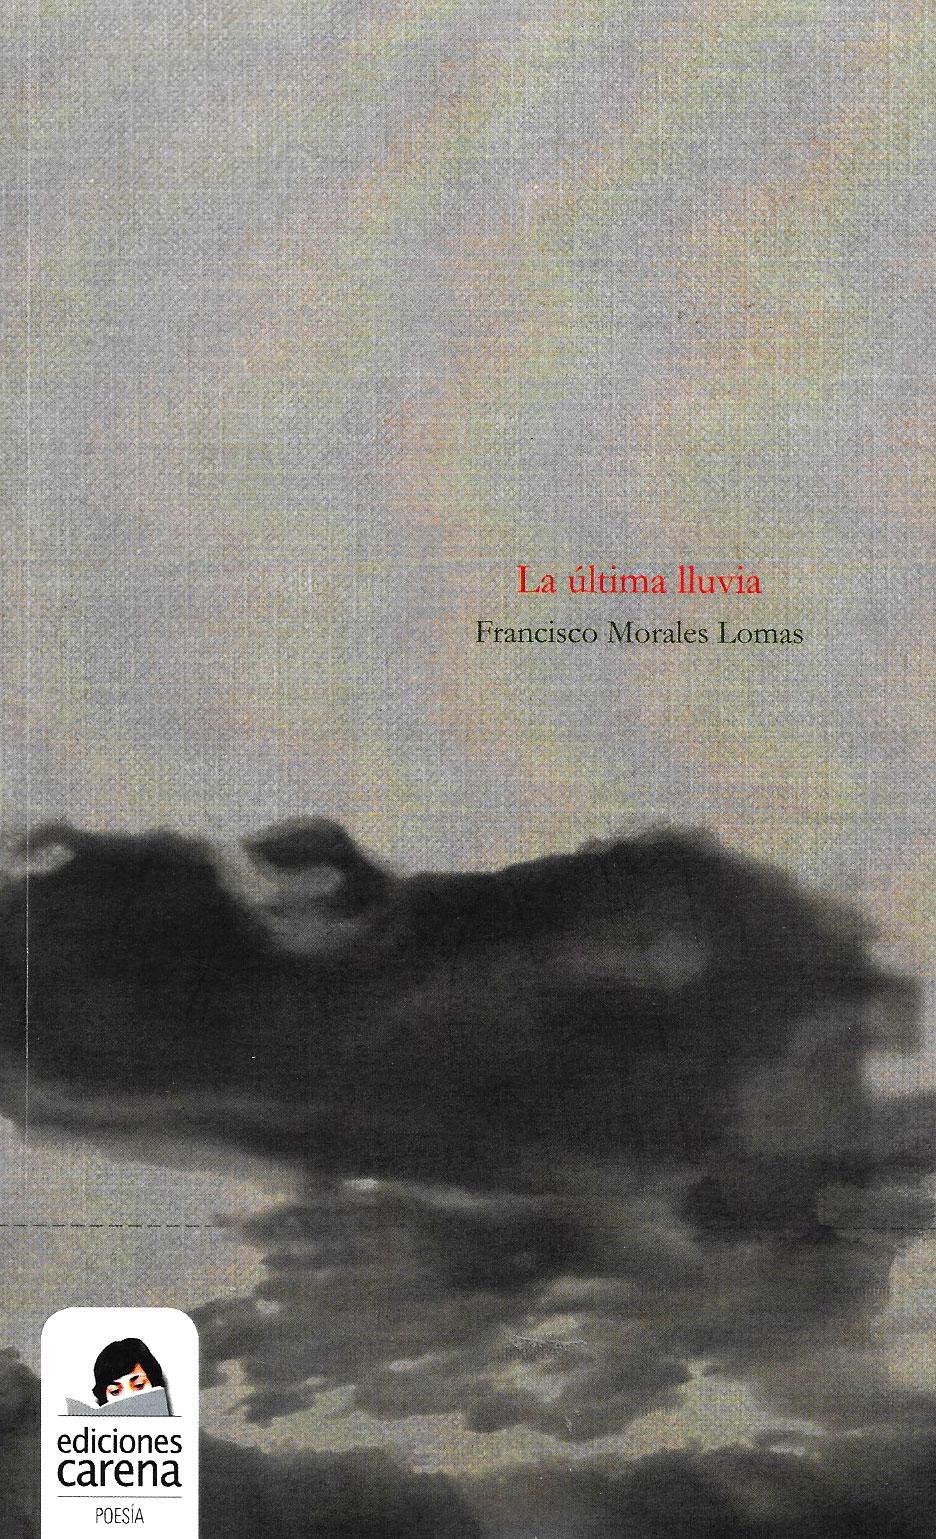 La última lluvia, Ediciones Carena, Barcelona, 2009, [ISBN 978-84-92619-07-8]